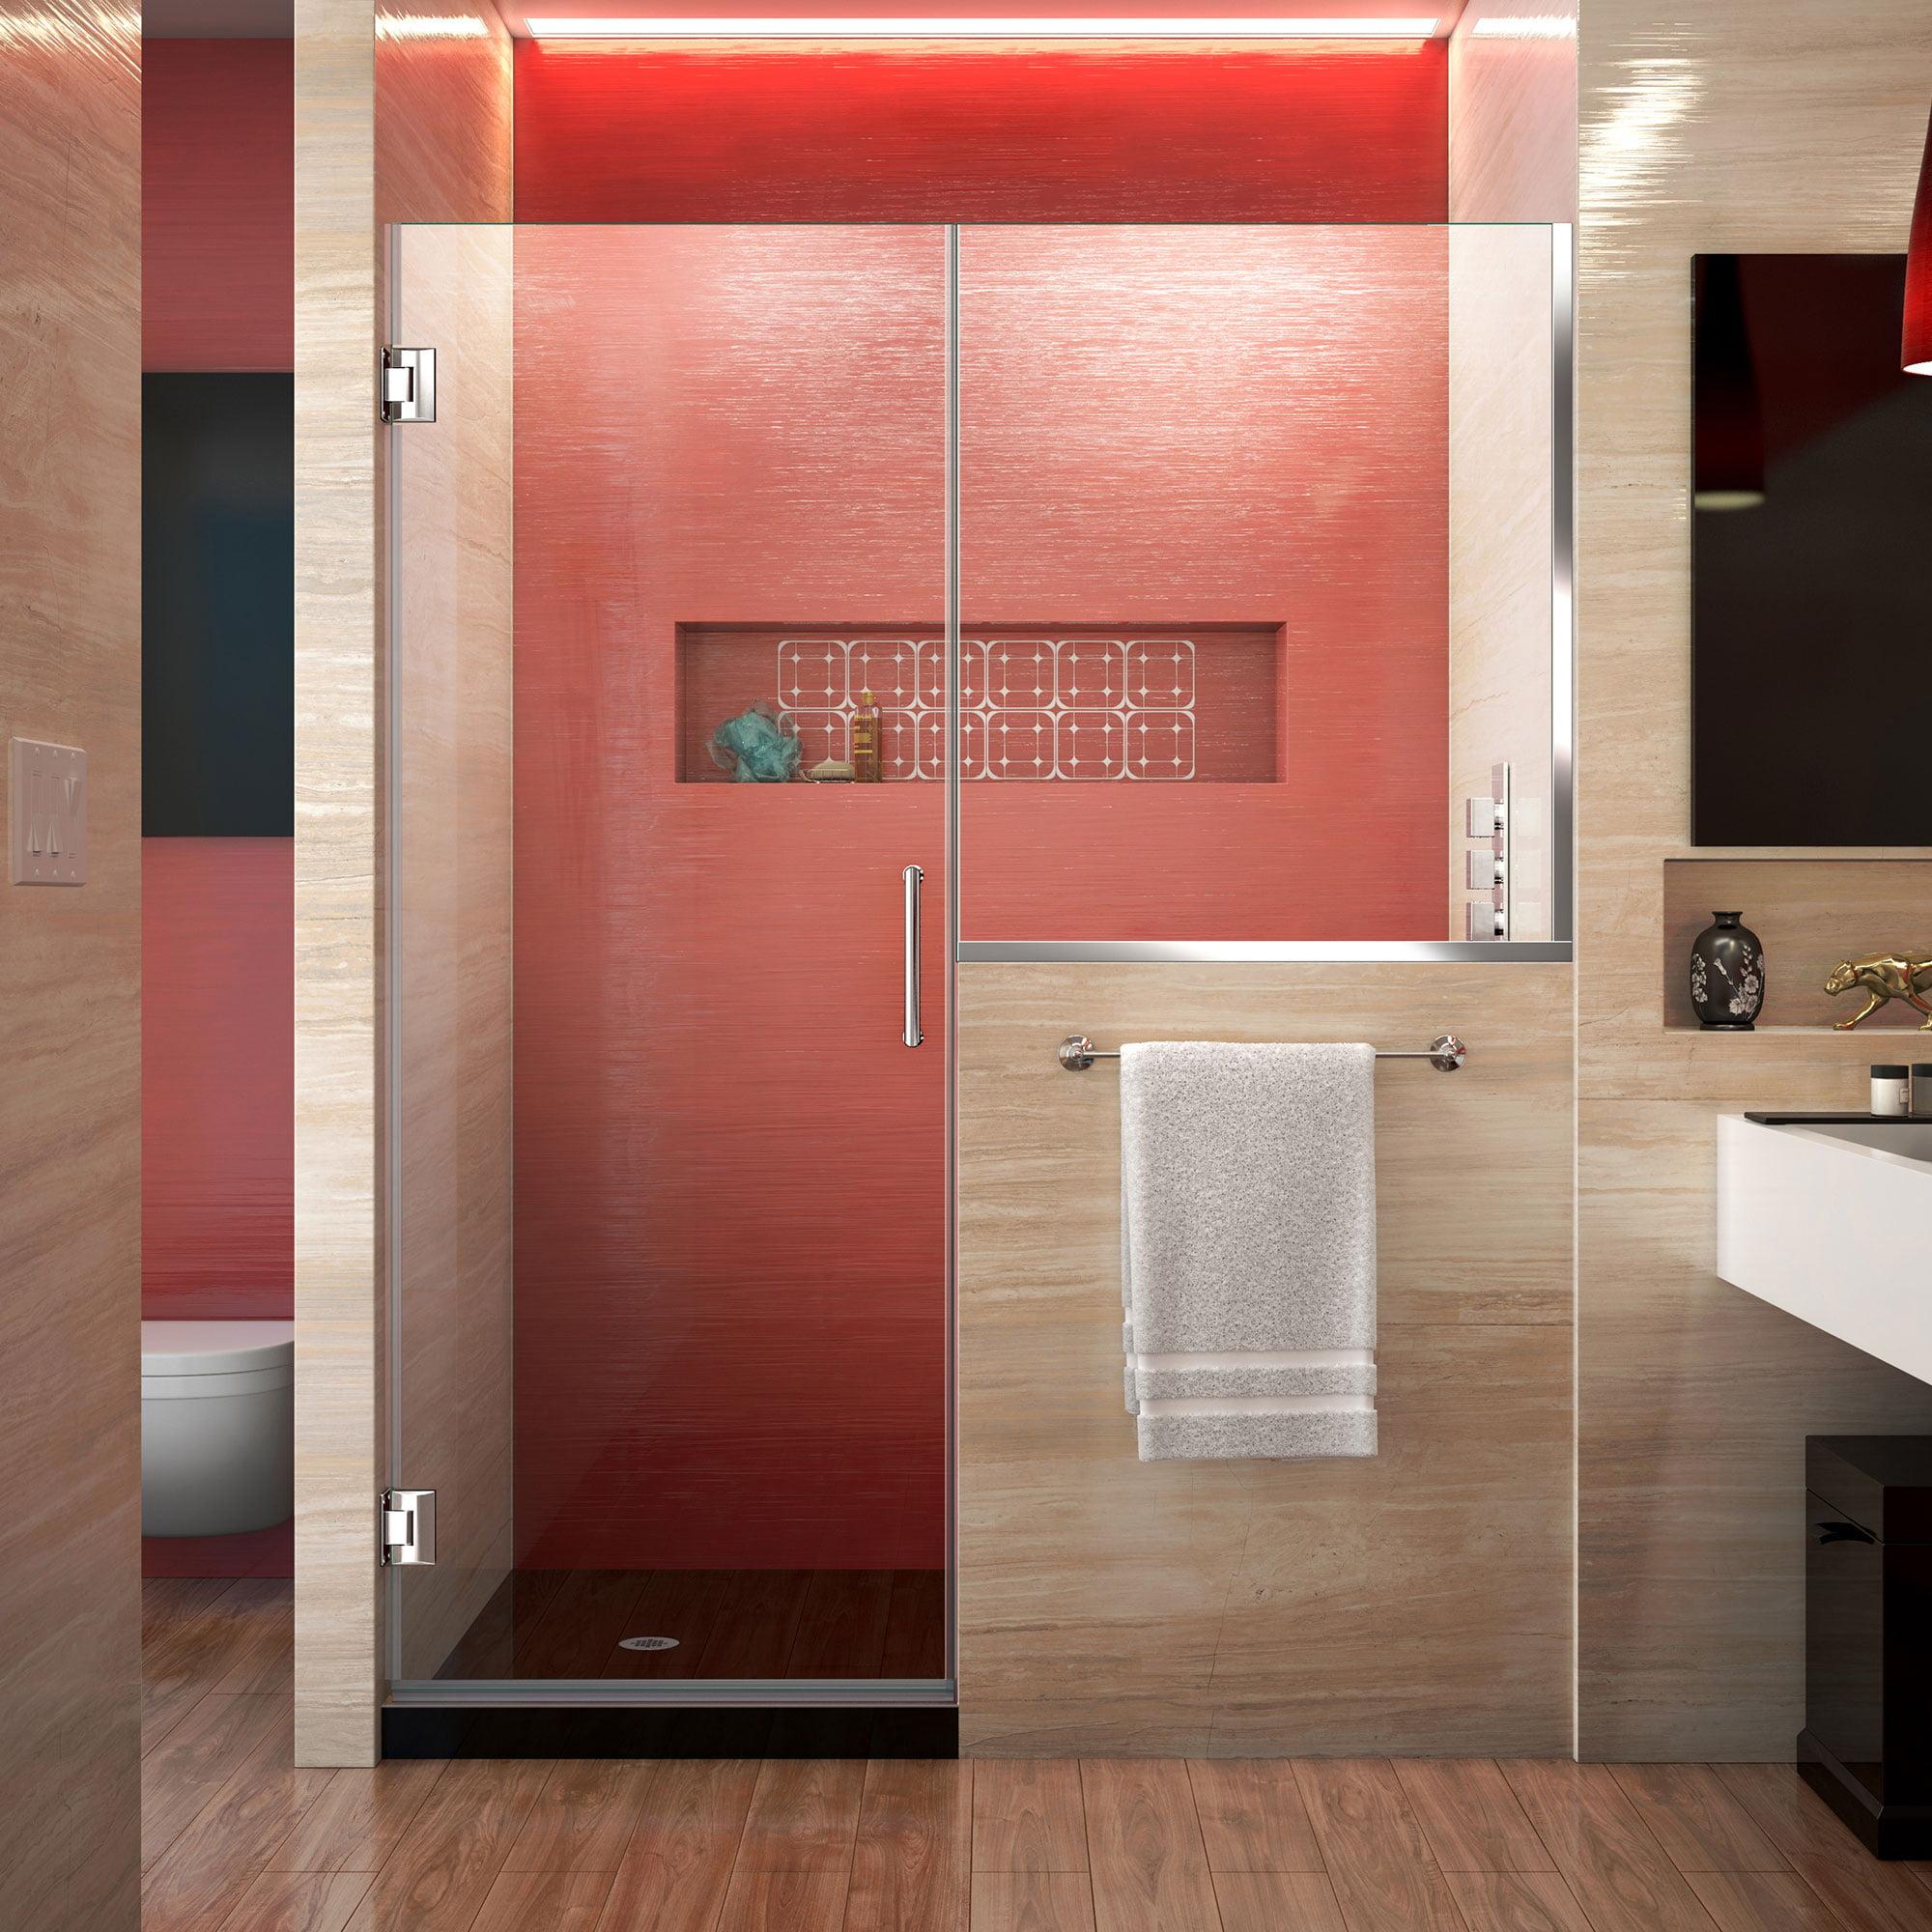 DreamLine Unidoor Plus 48-48 1/2 in. W x 72 in. H Frameless Hinged Shower Door with 34 in. Half Panel in Chrome